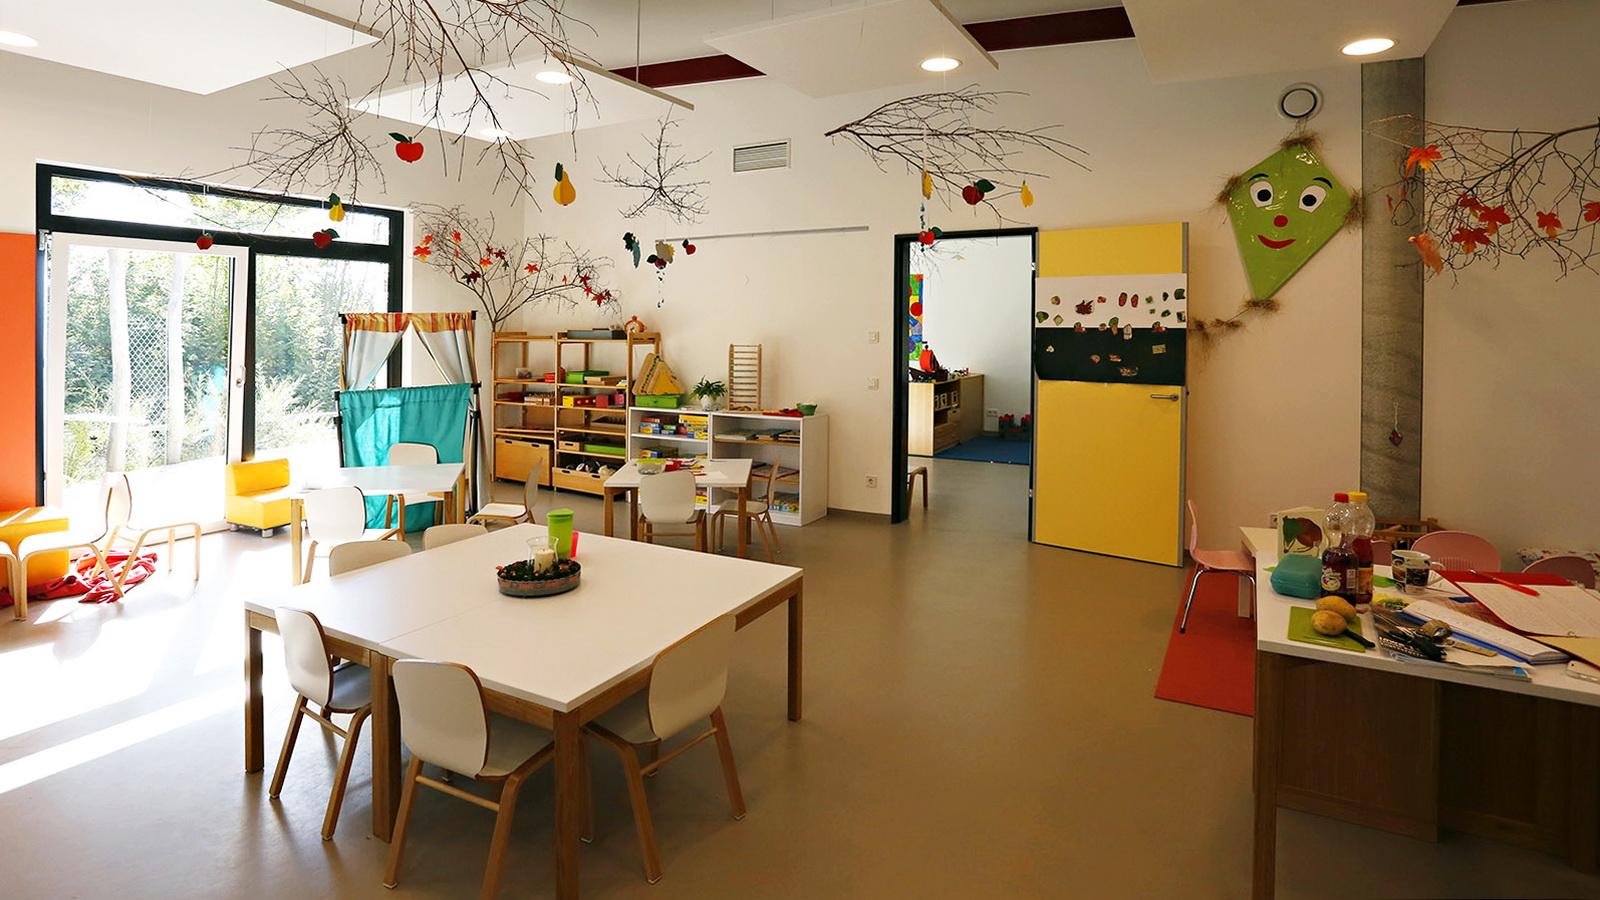 Gruppenzimmer im Kindergarten Guenzlhofen